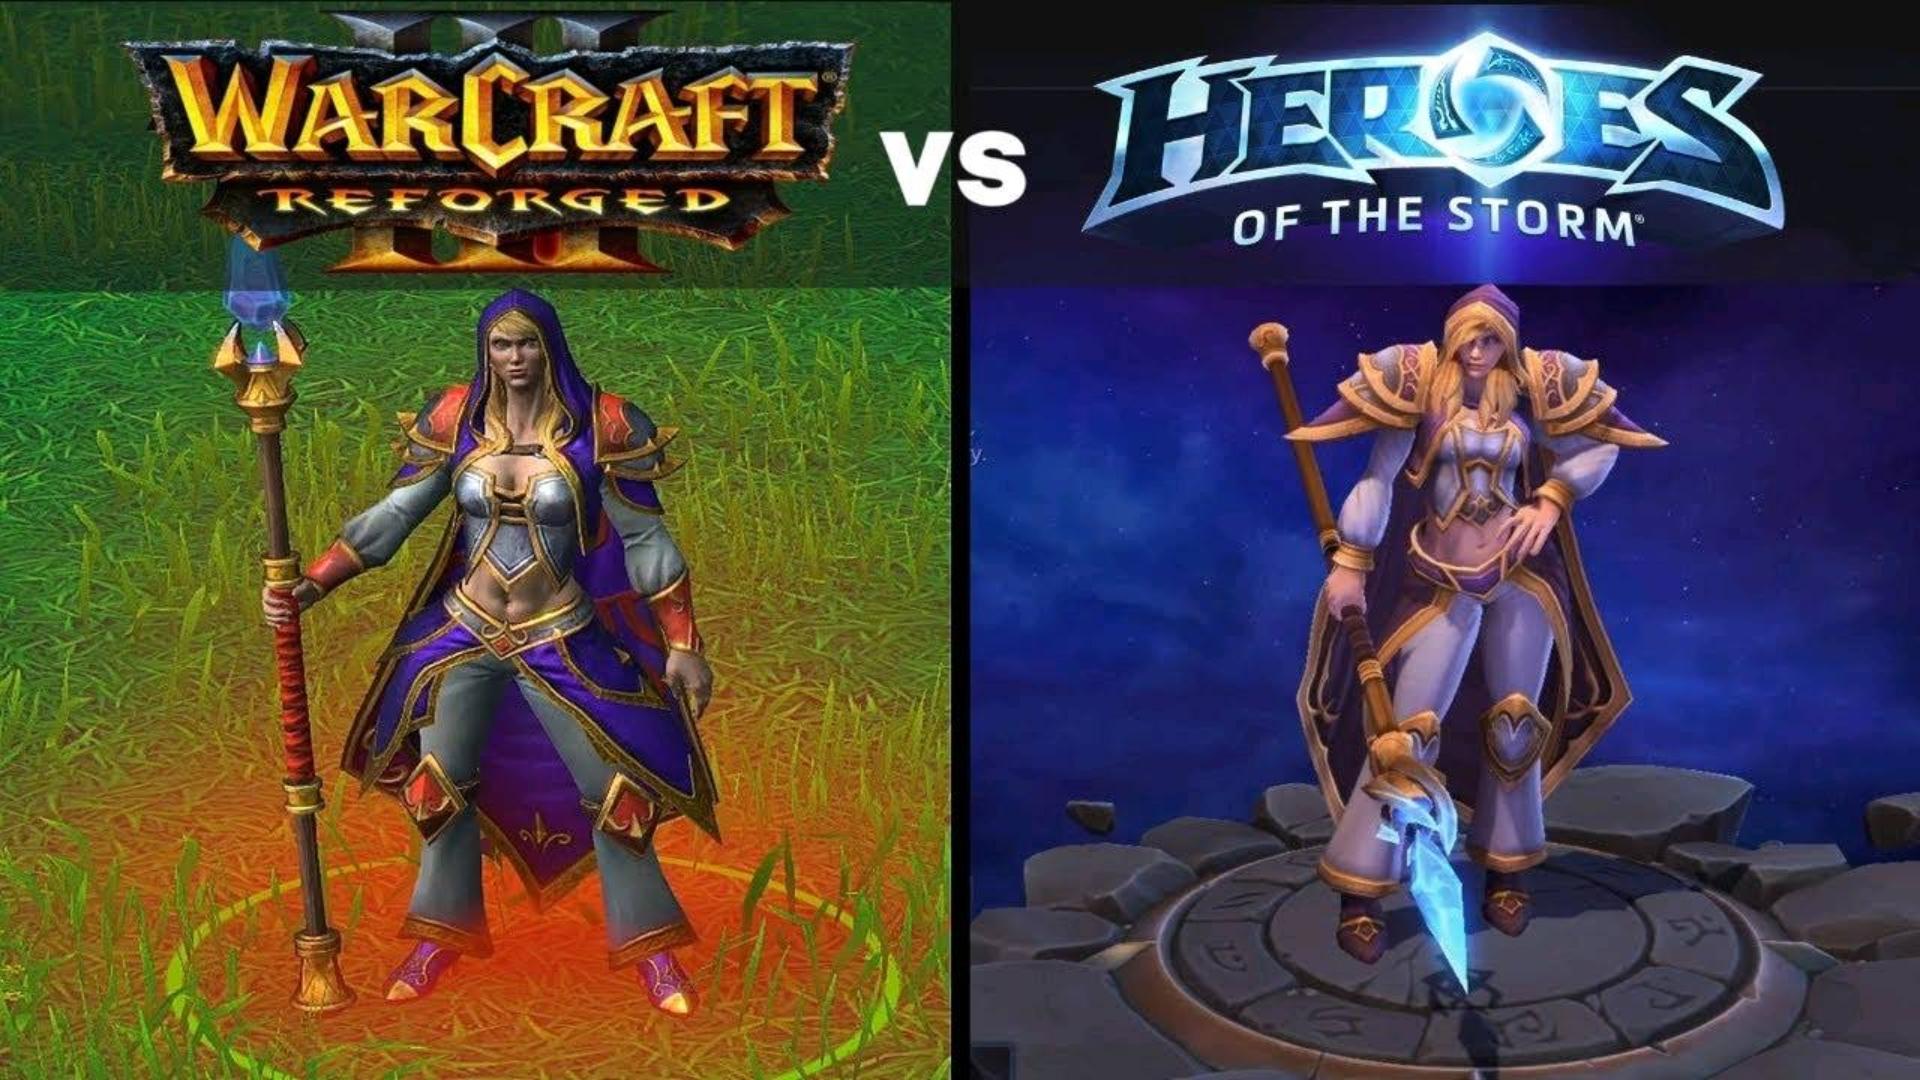 魔兽争霸3重制版模型VS风暴英雄模型并排对比